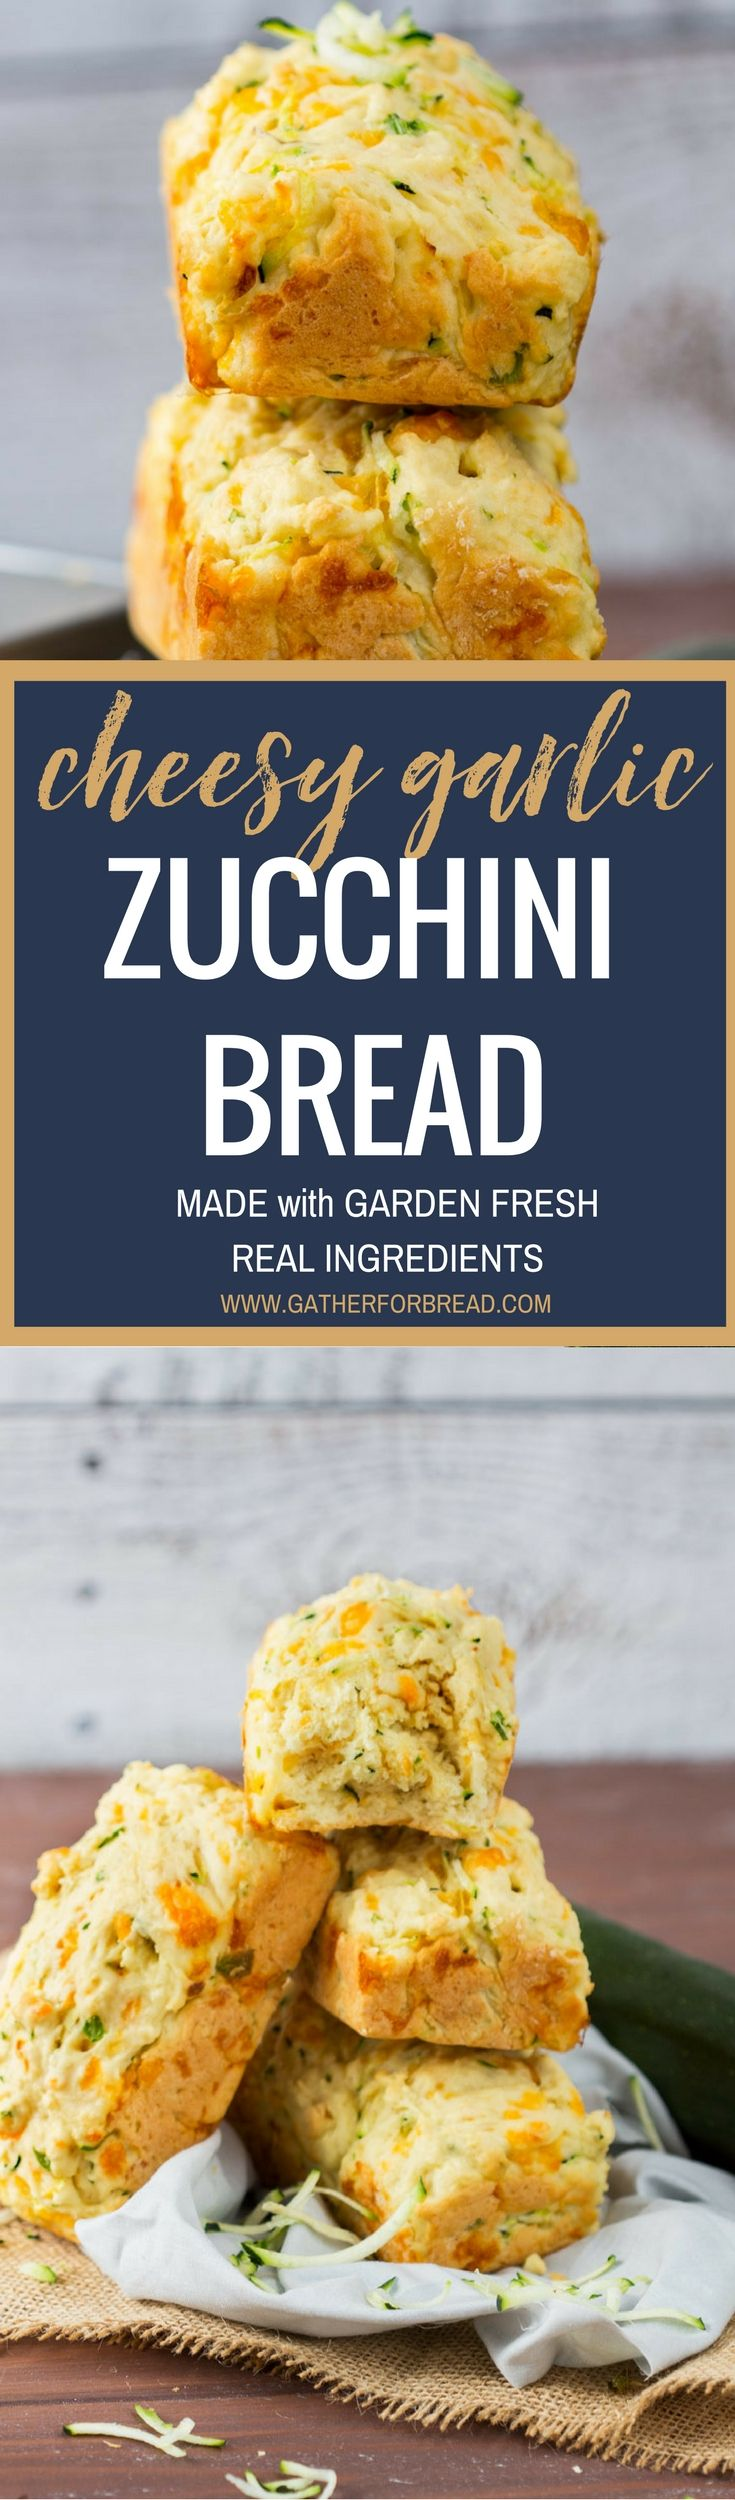 Easy recipes for zucchini bread